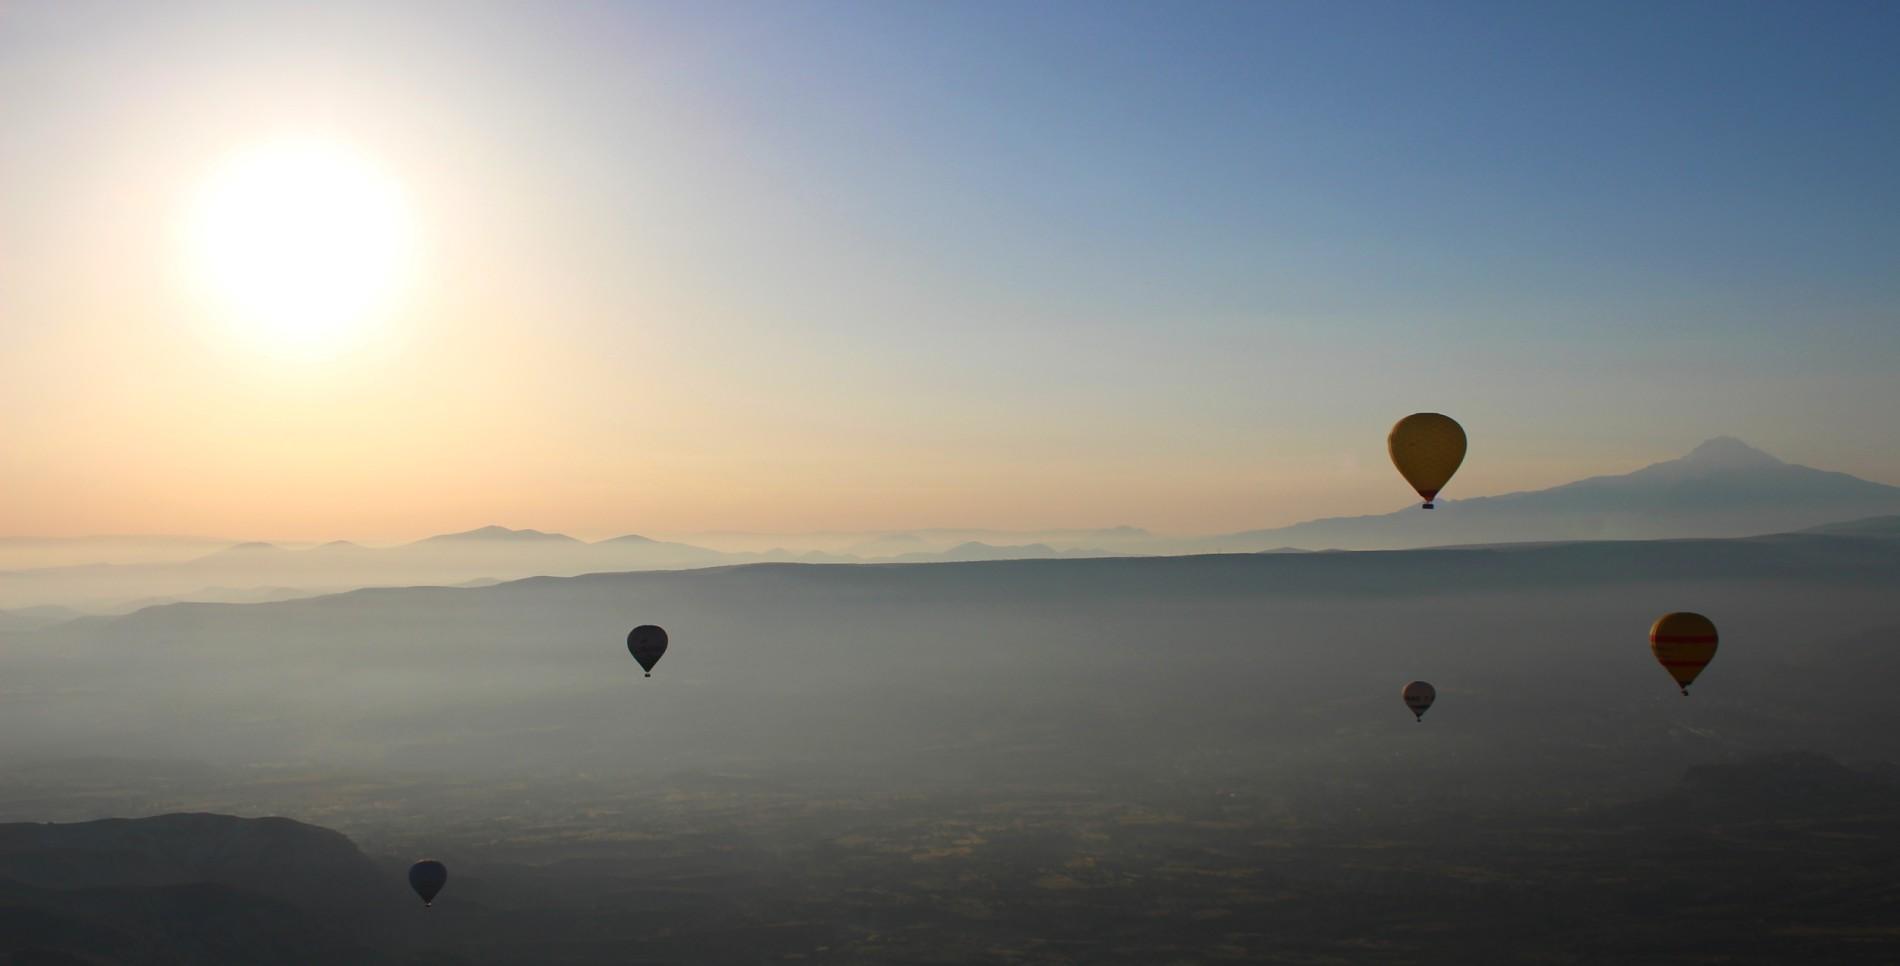 Balóny nad Kapadokií. Jeden z mnoha snímků pořízených v protisvětle. Foceno ve výšce 530 metrů nad zemí (1 675 m n. m.), v pozadí na snímku je 3 917 metrů vysoká vyhaslá sopka Erciyes Dağı. Canon EOS 100D, objektiv EF-S 18-55, 1/200 s, F10, ISO 1000, ohnisko (EQ35) 38 mm. Vyfoceno 10. června v 6.02 místního času.jpg